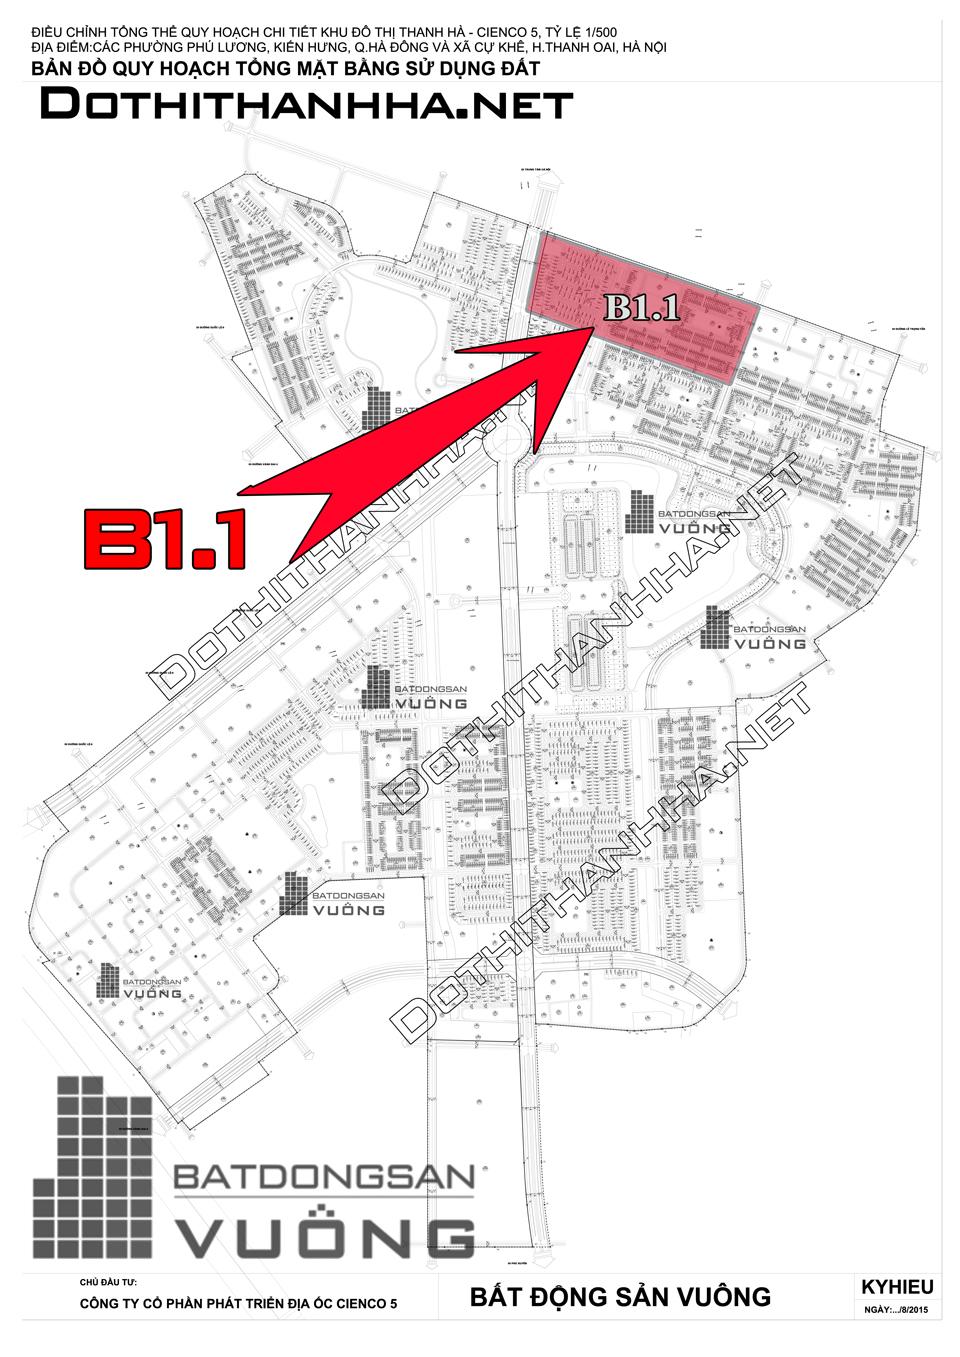 Bán Liền kề phân khu B1.1 lô LK10, mặt đường 17m, hướng nhà Đông - Bắc, Khu Đô Thị Thanh Hà Cienco 5 - Mường Thanh [#H1277.1090]